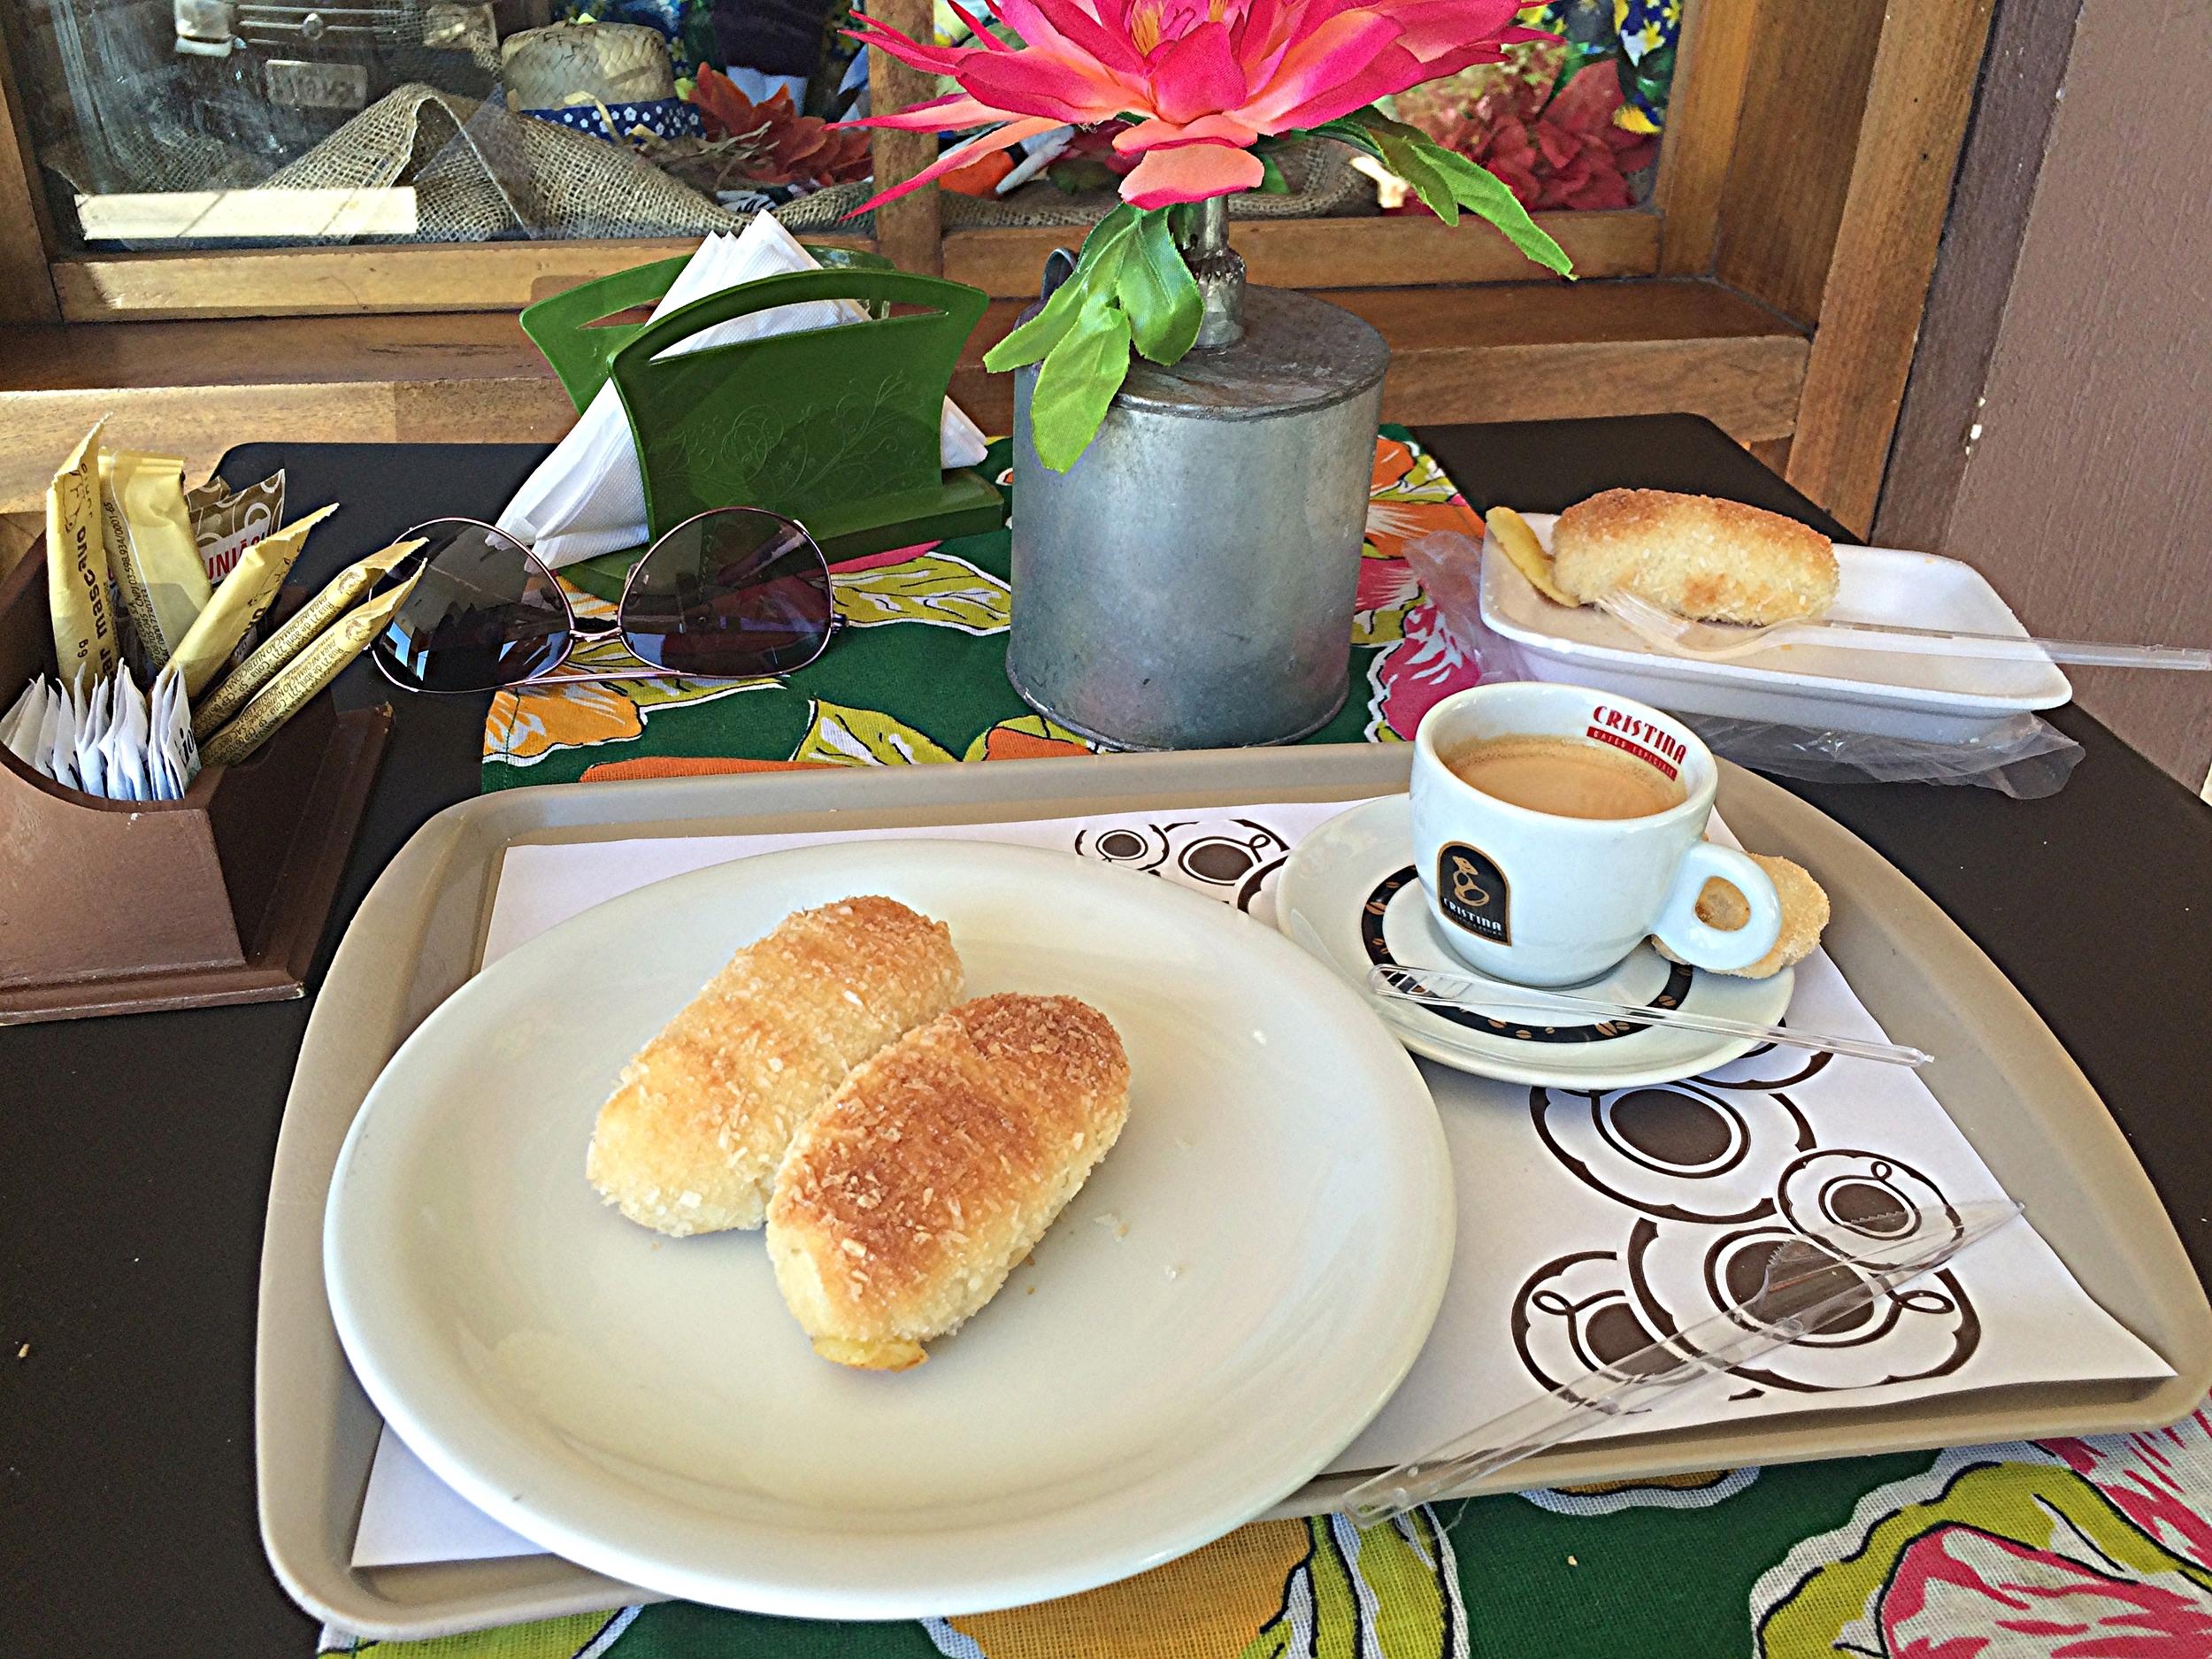 Algumas casas têm mesinhas pra você tomar um café por lá mesmo e eu aproveitei pra comer meu enroladinho lá mesmo. Frio também é bem gostoso.